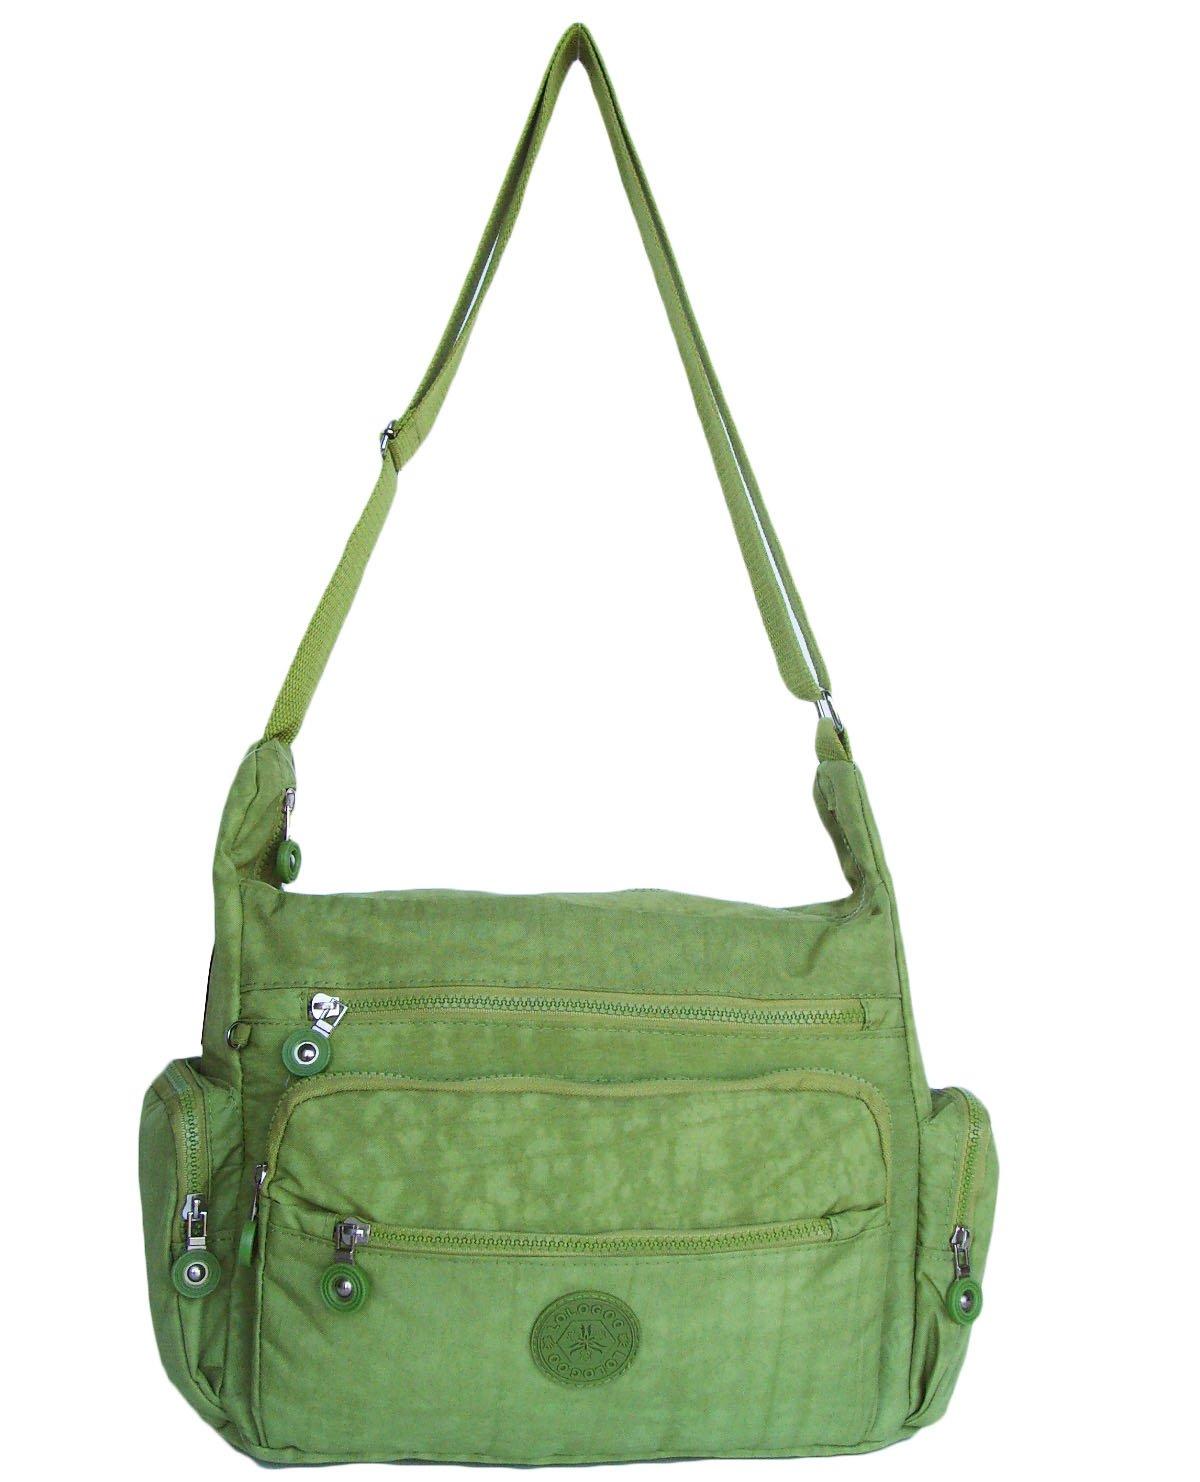 HONG YE Pure Stripe Slouch Bag,sku:hb78green4